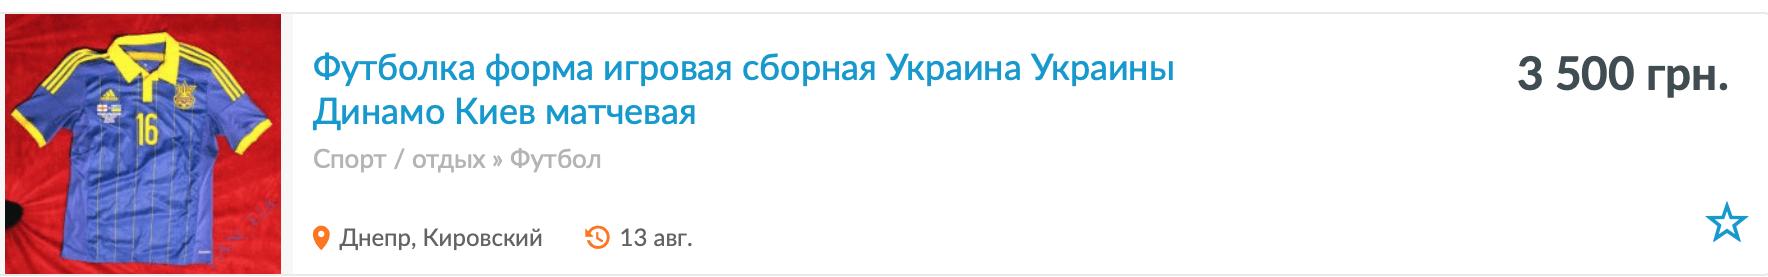 Вот это болельщики: онлайн можно купить футболки Шевченко, Ярмоленко и многих других (Фото) - изображение 11